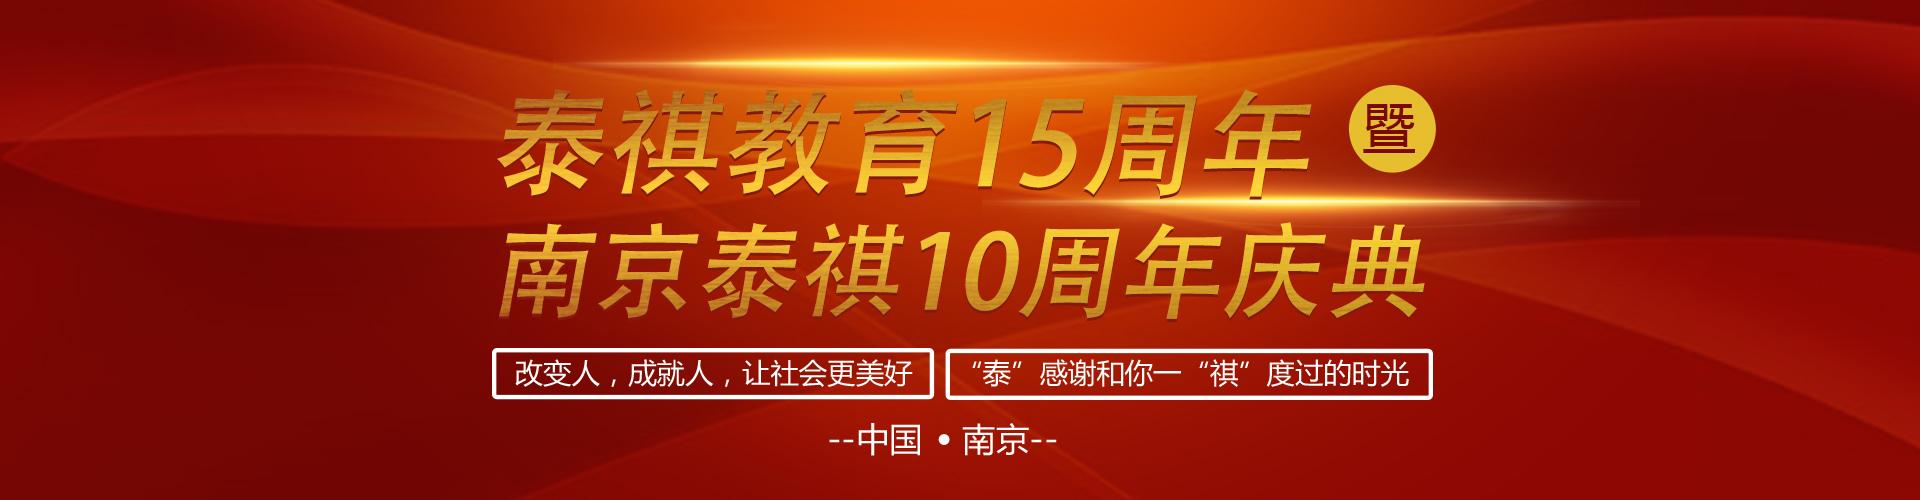 南京十周年庆典